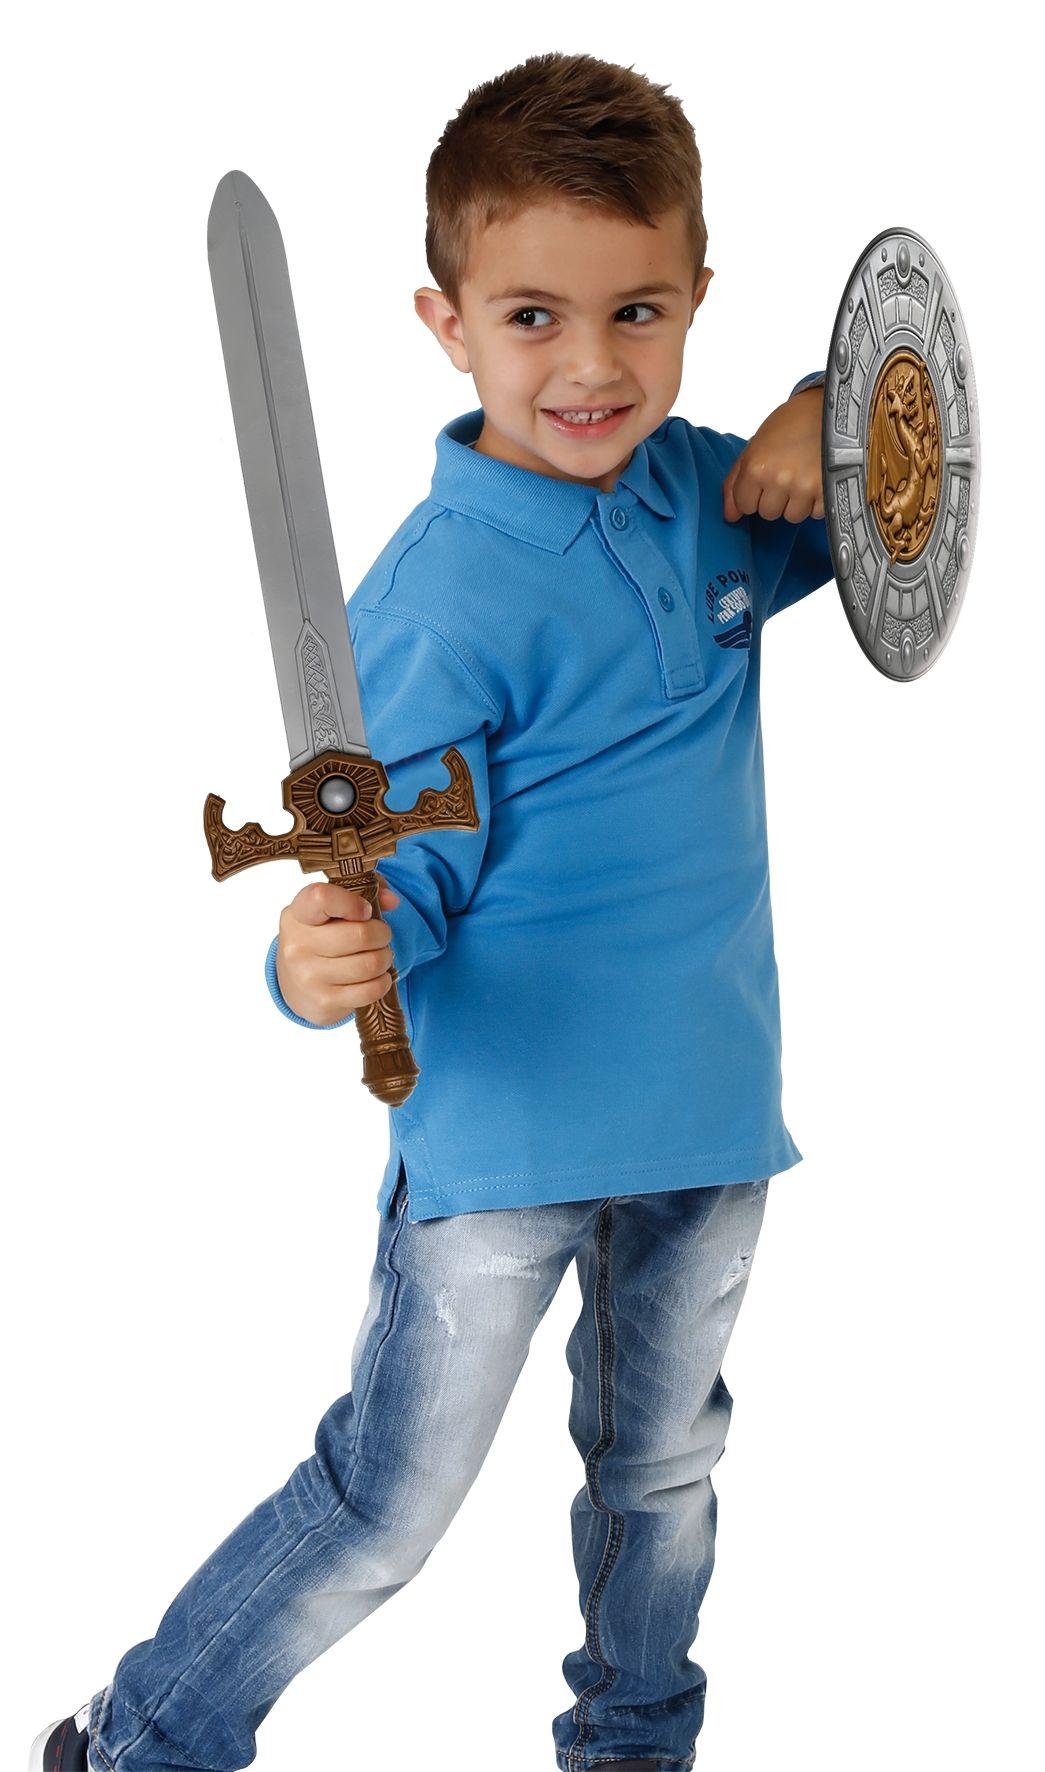 Spada con scudo medievale - INVINCIBLE HEROES